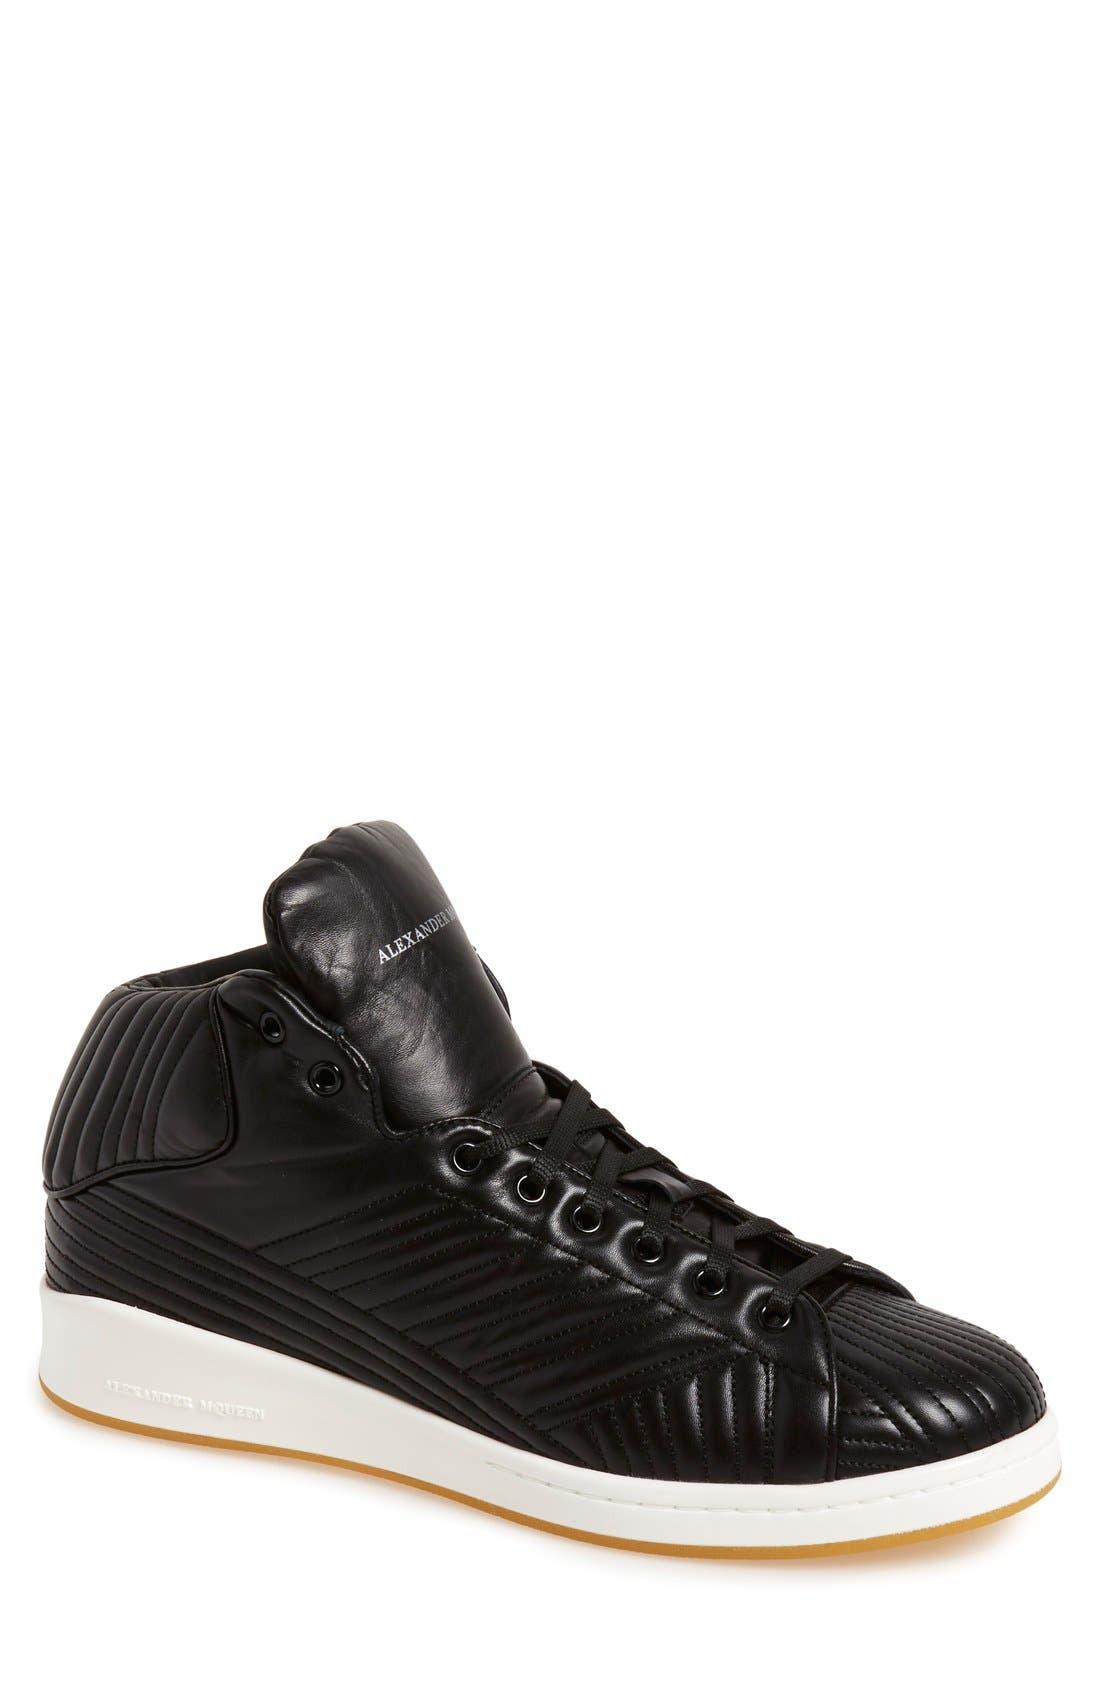 Alternate Image 1 Selected - Alexander McQueen Quilted High Top Sneaker (Men)